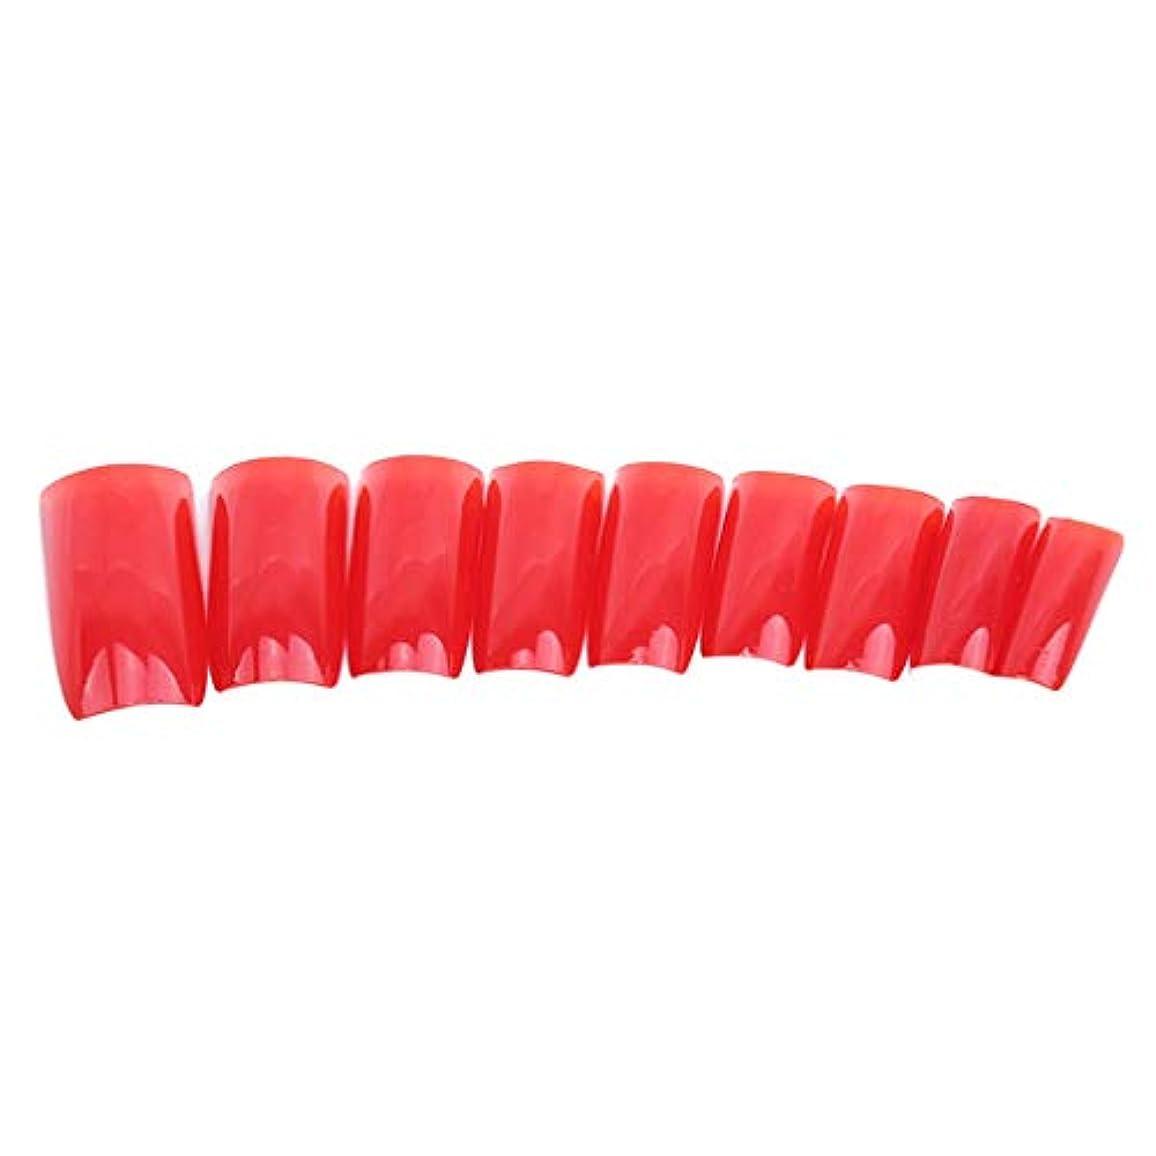 系統的ペア散る火の色 ネイルチップ ネイルケアツール 短い爪 つけ爪 シンプル ネイルアート 結婚式 パーティー 二次会 赤色